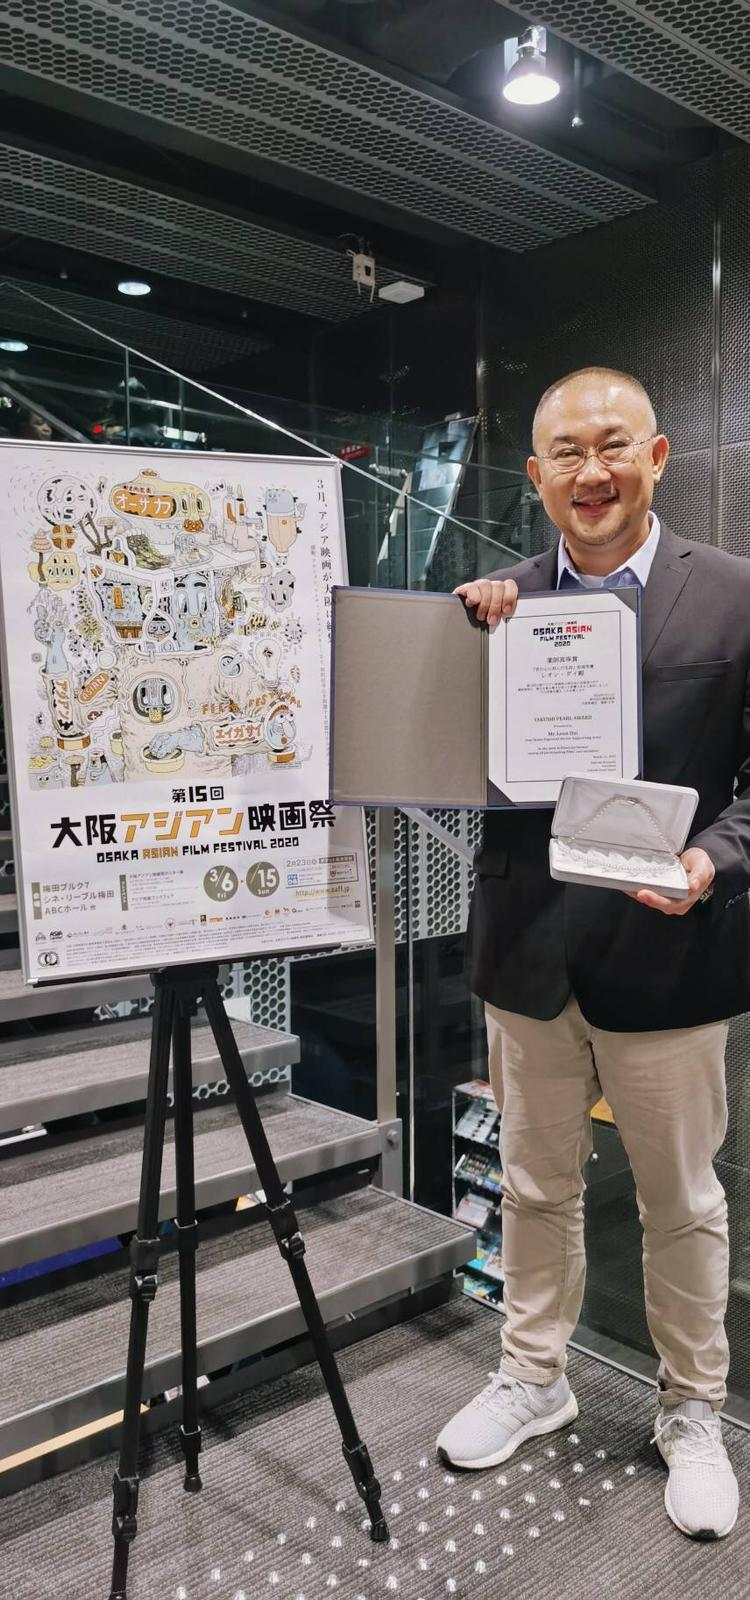 導演柳廣輝參加大阪亞洲電影節。圖/結果娛樂提供